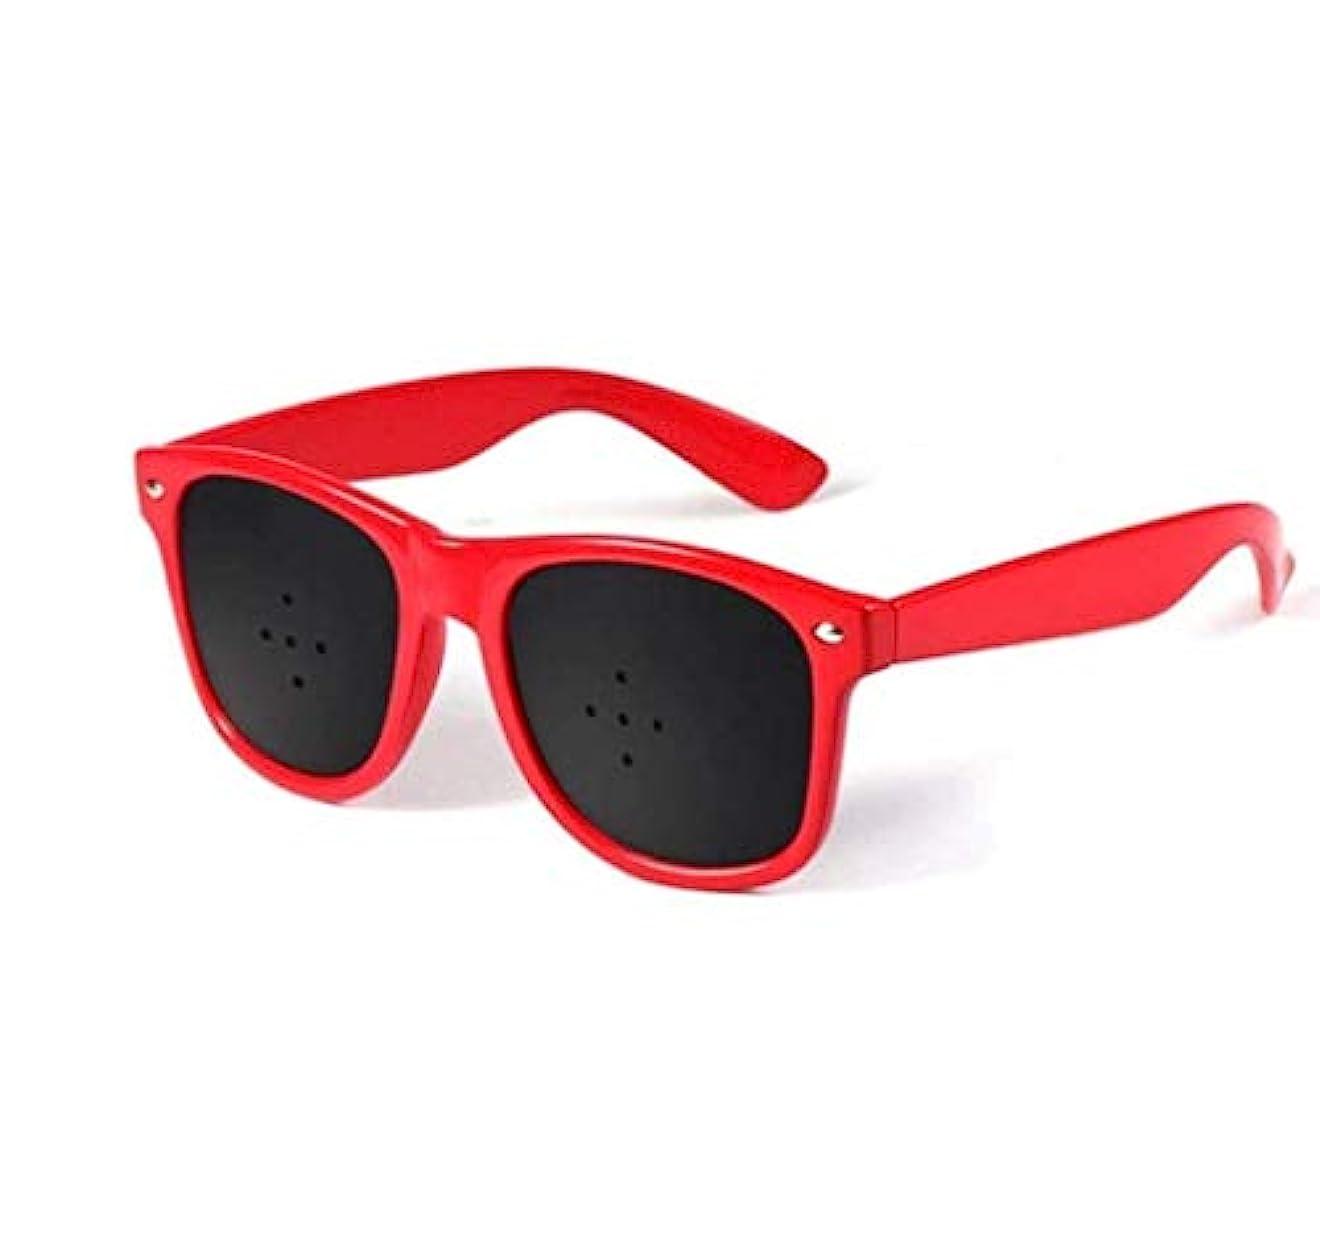 好むカウントアップ物語ピンホールメガネ、視力矯正メガネ網状視力保護メガネ耐疲労性メガネ近視の防止メガネの改善 (Color : 赤)